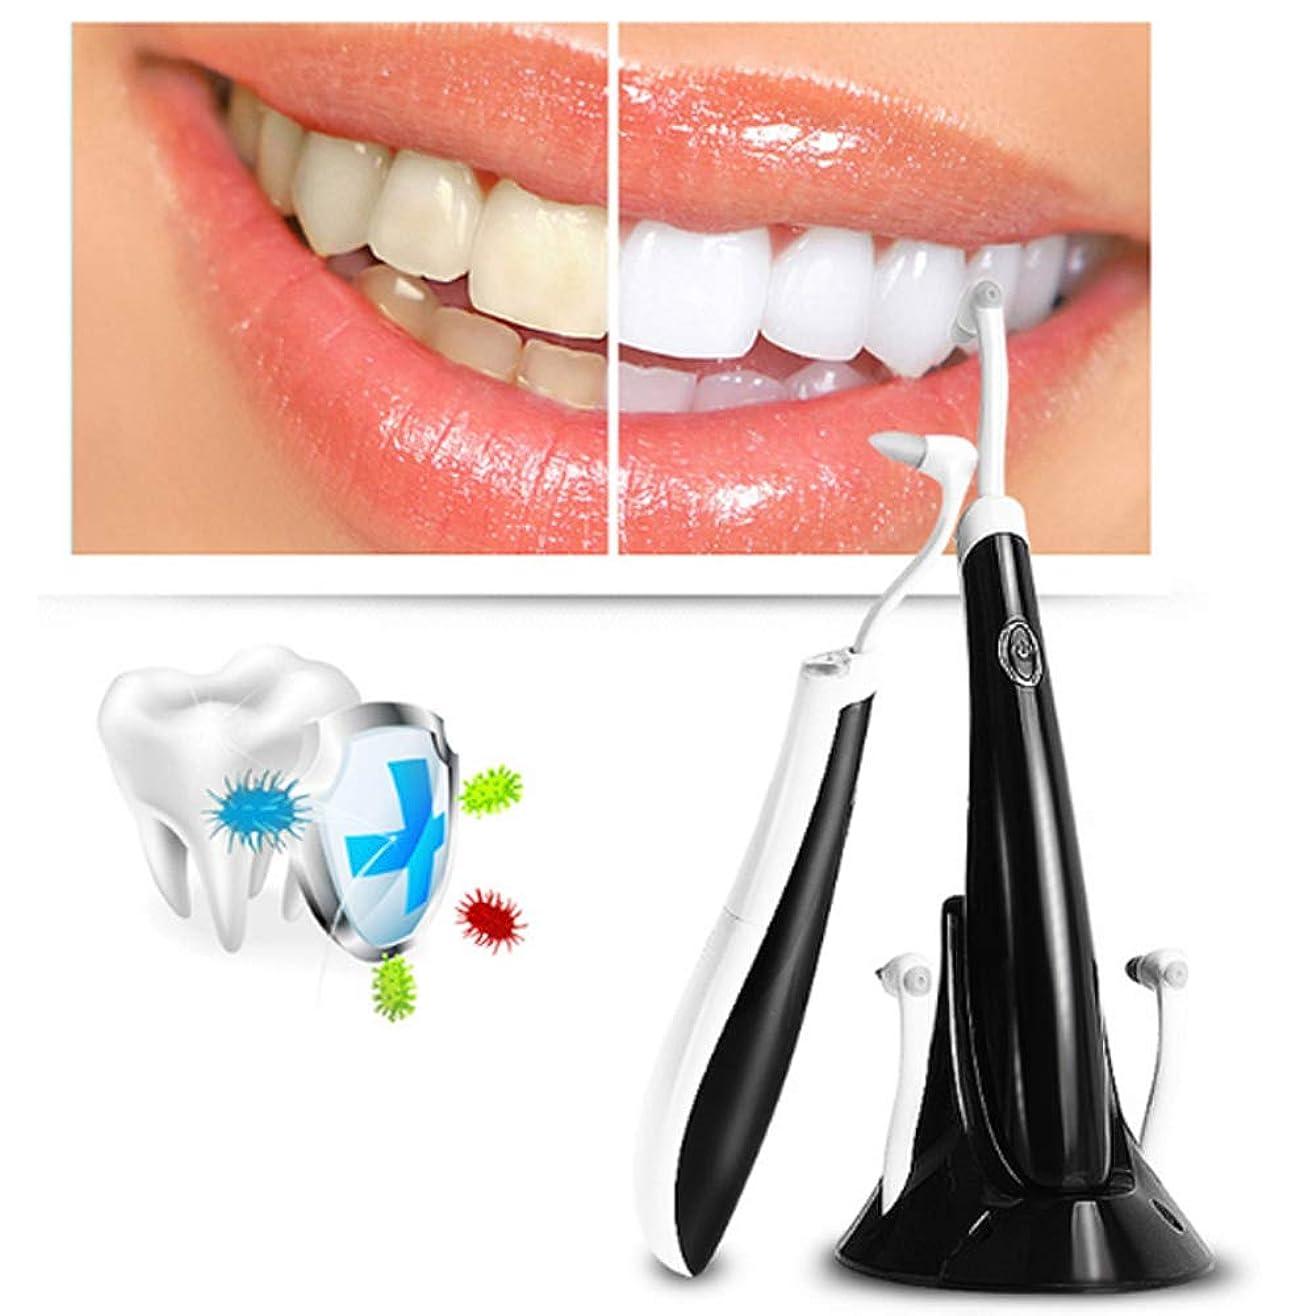 スポーツ名誉水素超音波振動歯科口腔洗浄器、ライトガイド電動ソフトヘッドクリーニング大人の子供のための口頭歯